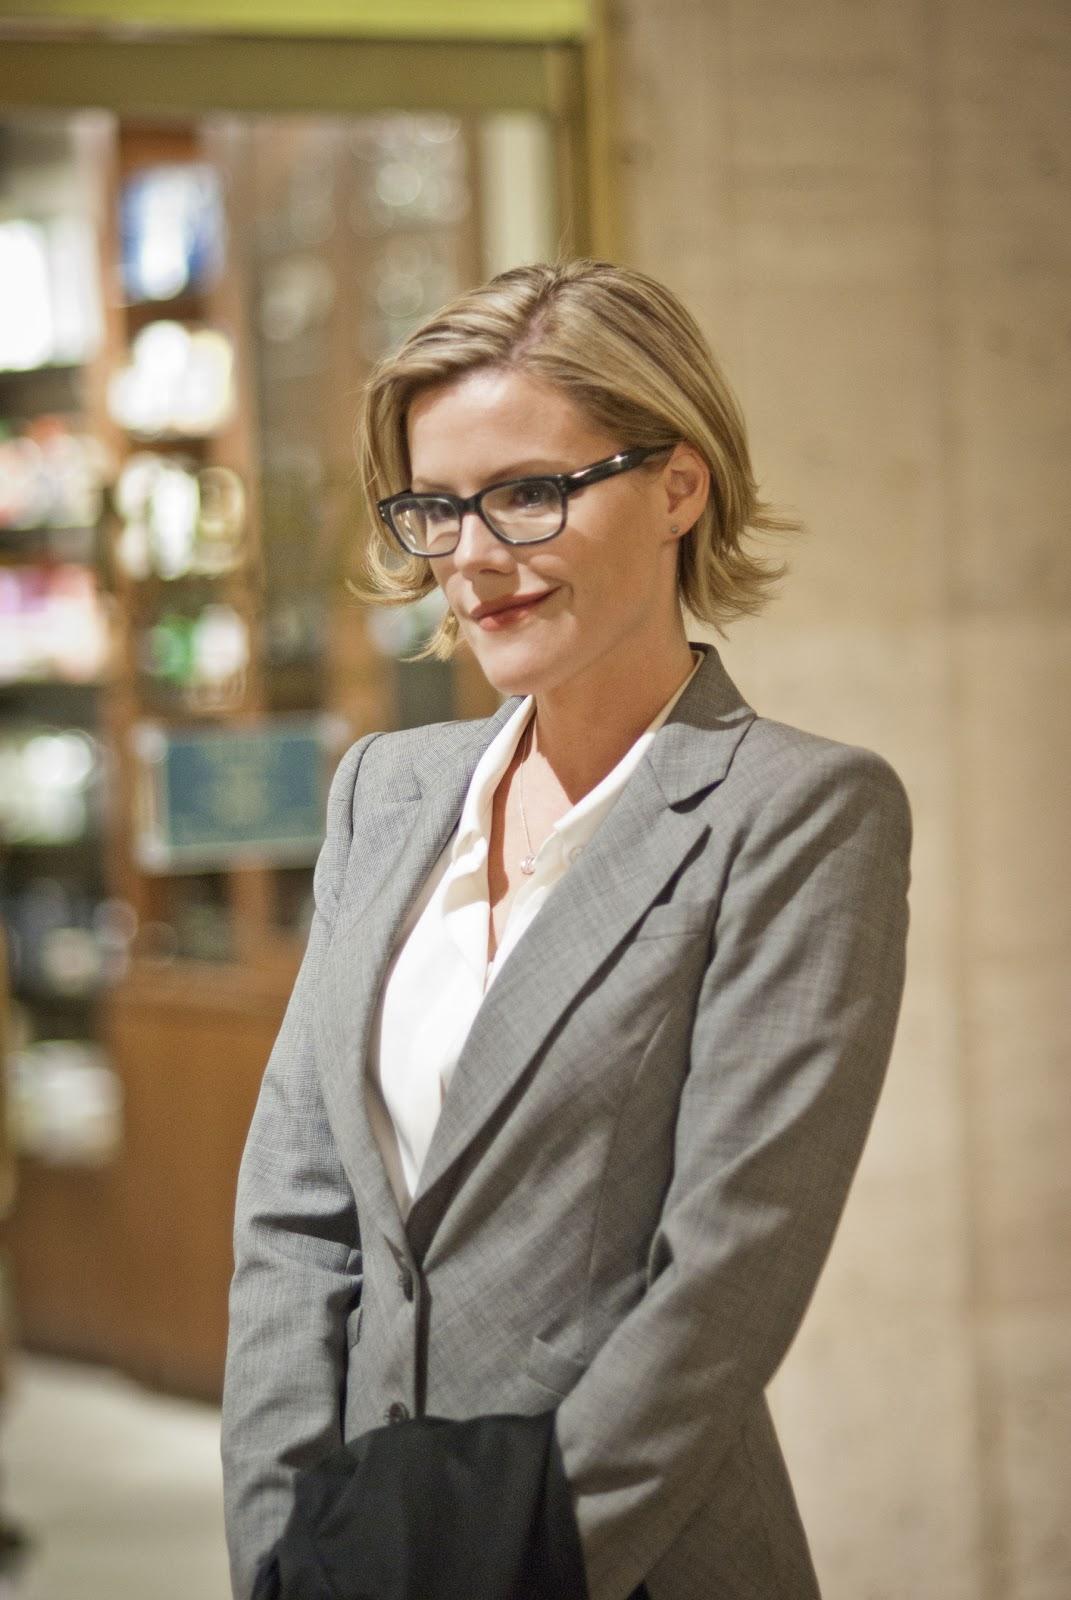 Kathleen robertson boss 02 - 3 2